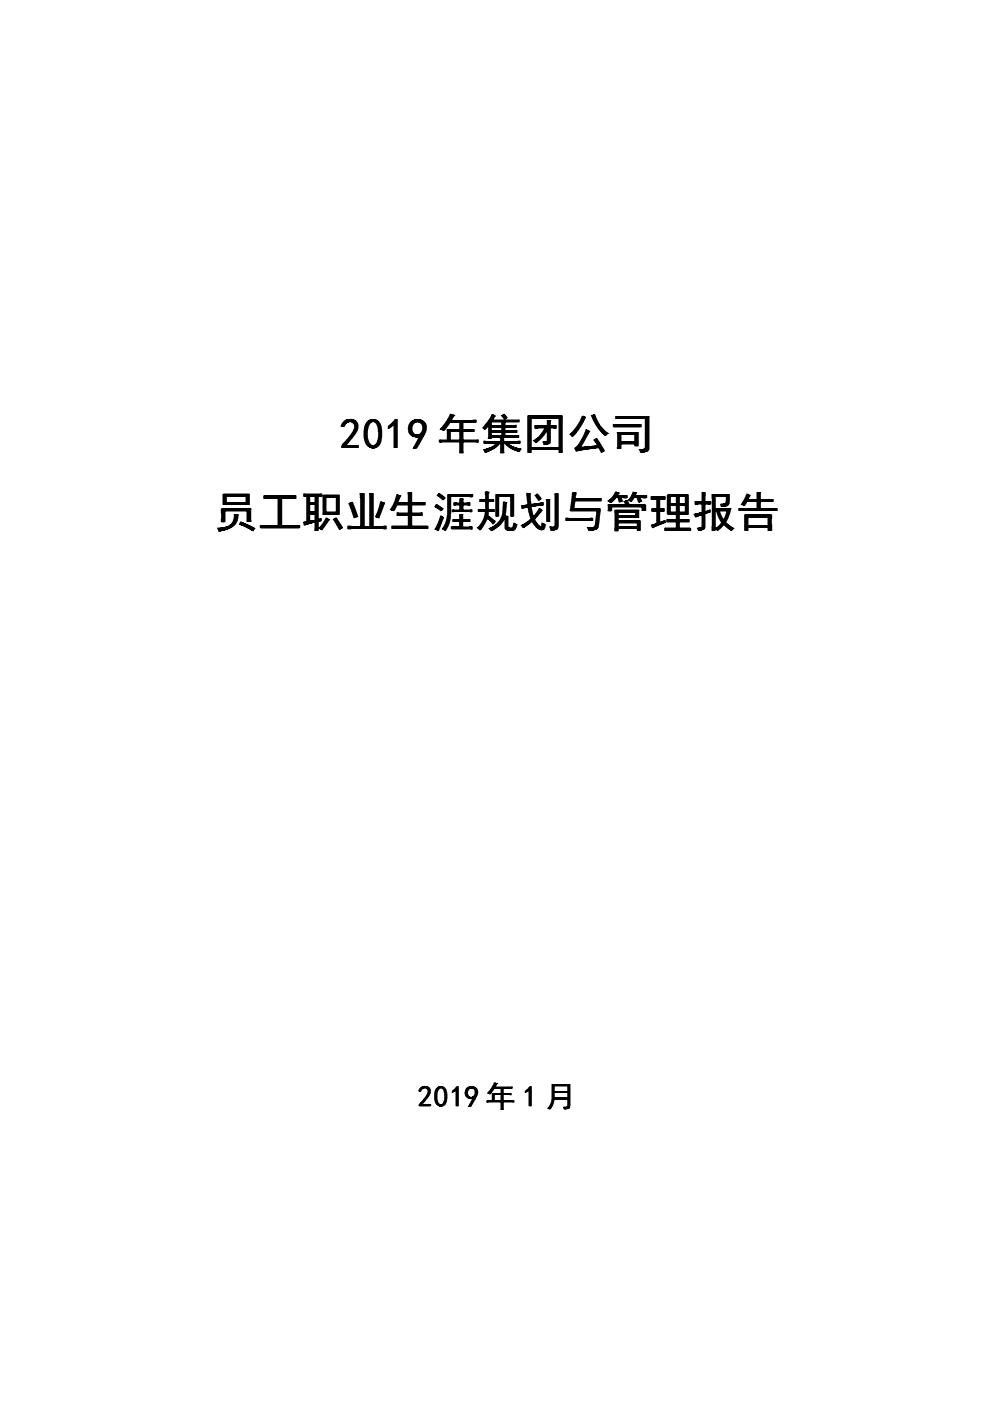 2019年集团公司员工职业生涯规划管理制度.doc